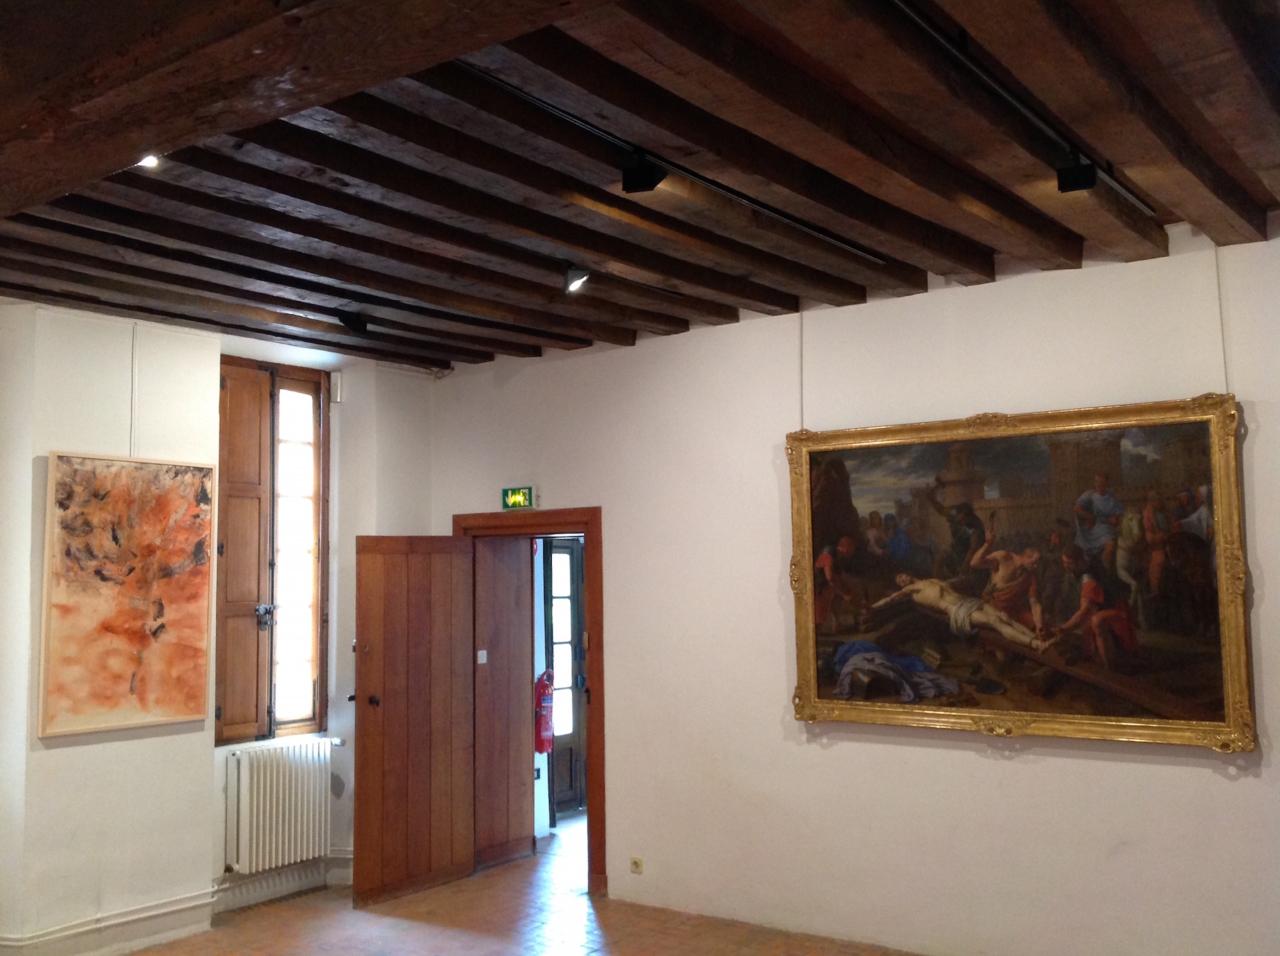 Anne Slacik Musée de Port Royal